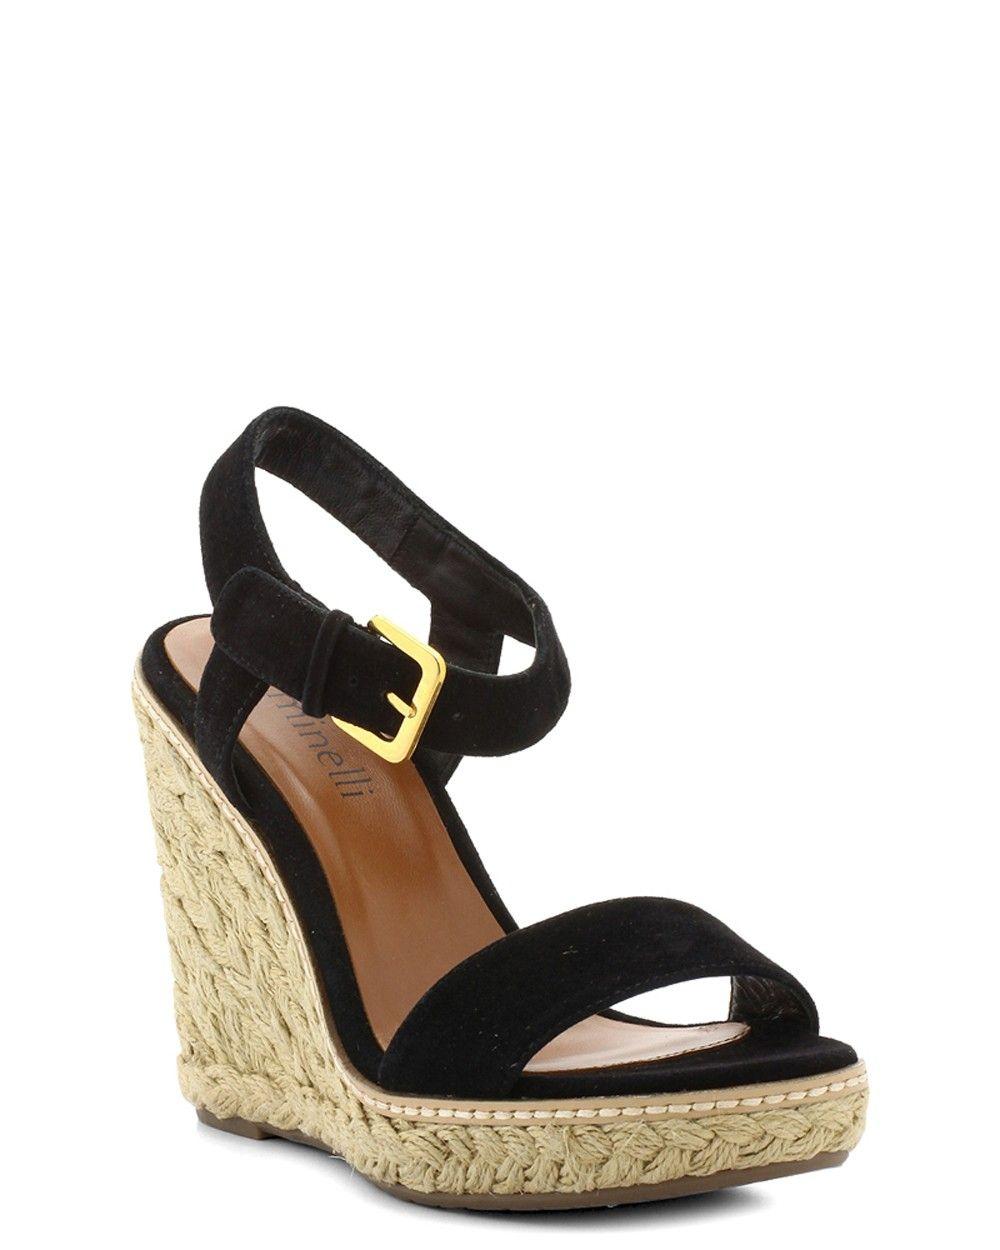 327ffa7b76299 Compensé - Camilla - Compensés - Chaussures Femme Printemps Eté ...